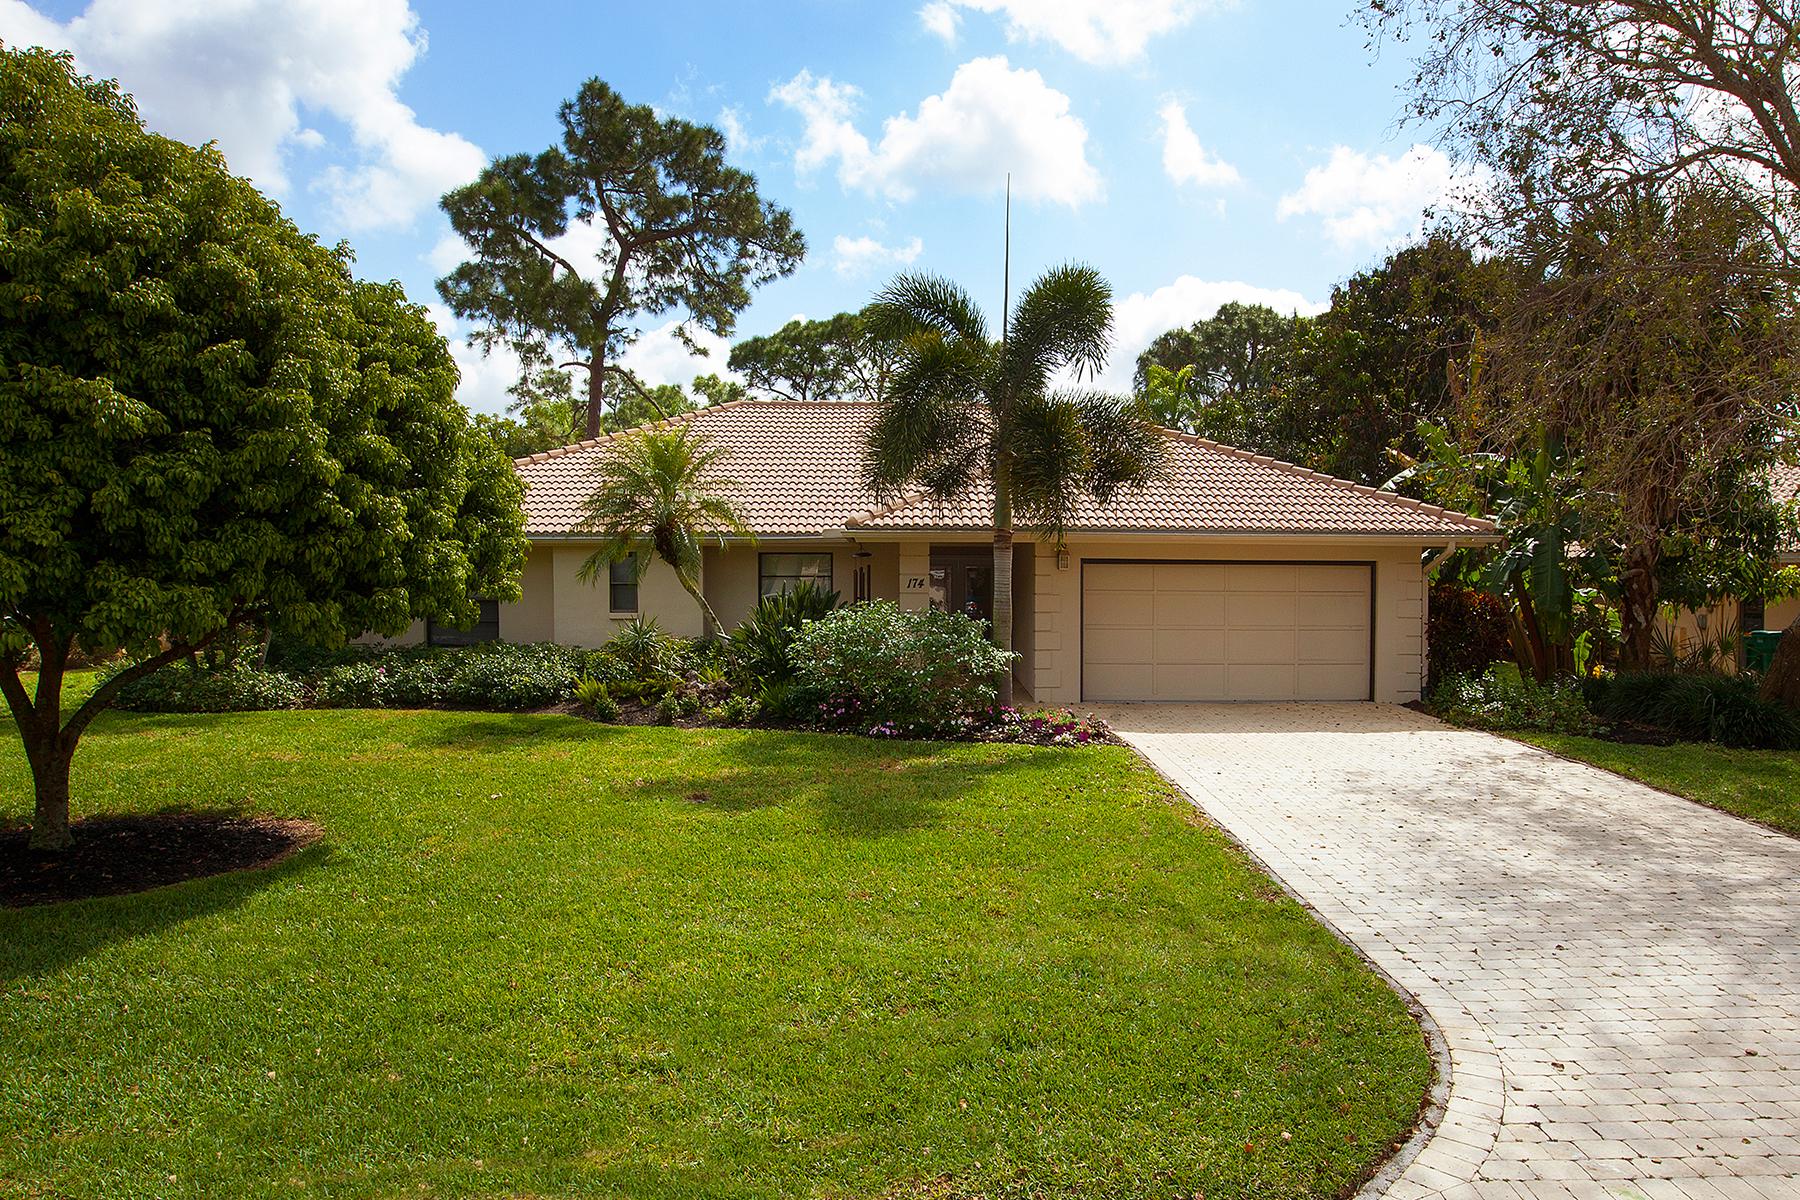 Nhà ở một gia đình vì Bán tại 174 Old Tamiami Trl , Naples, FL 34110 174 Old Tamiami Trl 5 Naples, Florida 34110 Hoa Kỳ